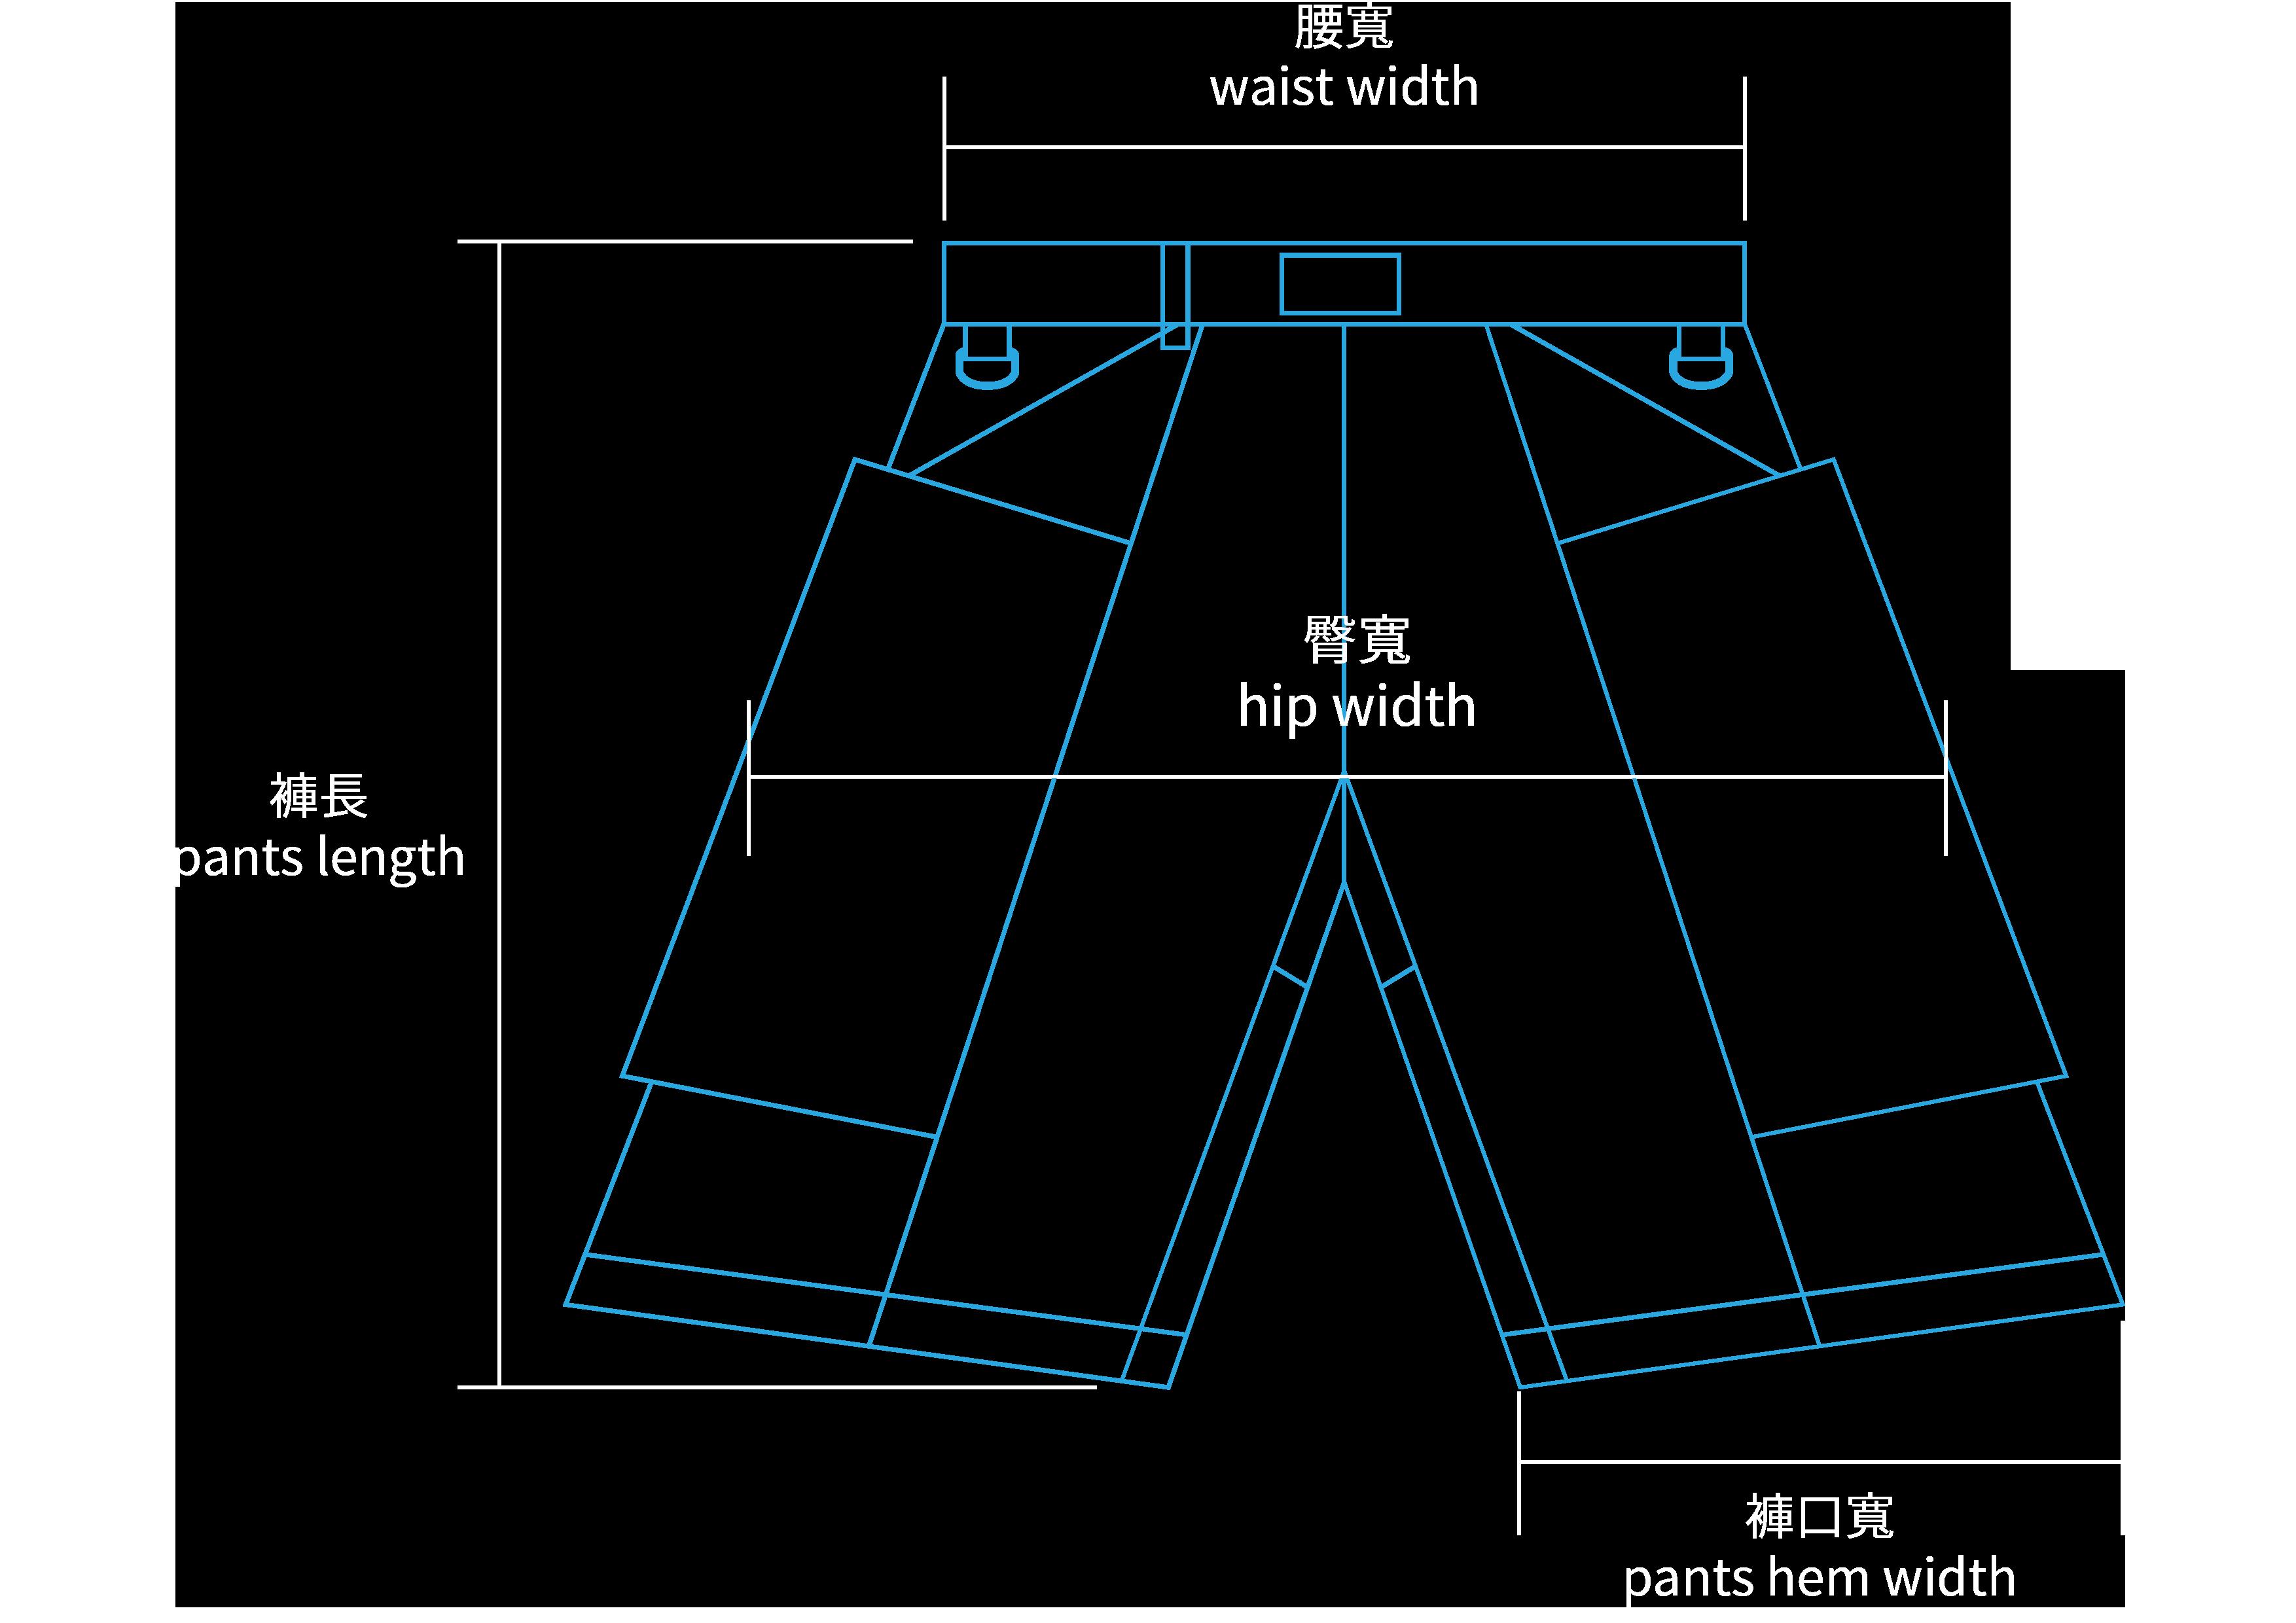 HR 釣魚短褲 HP-9003 1000